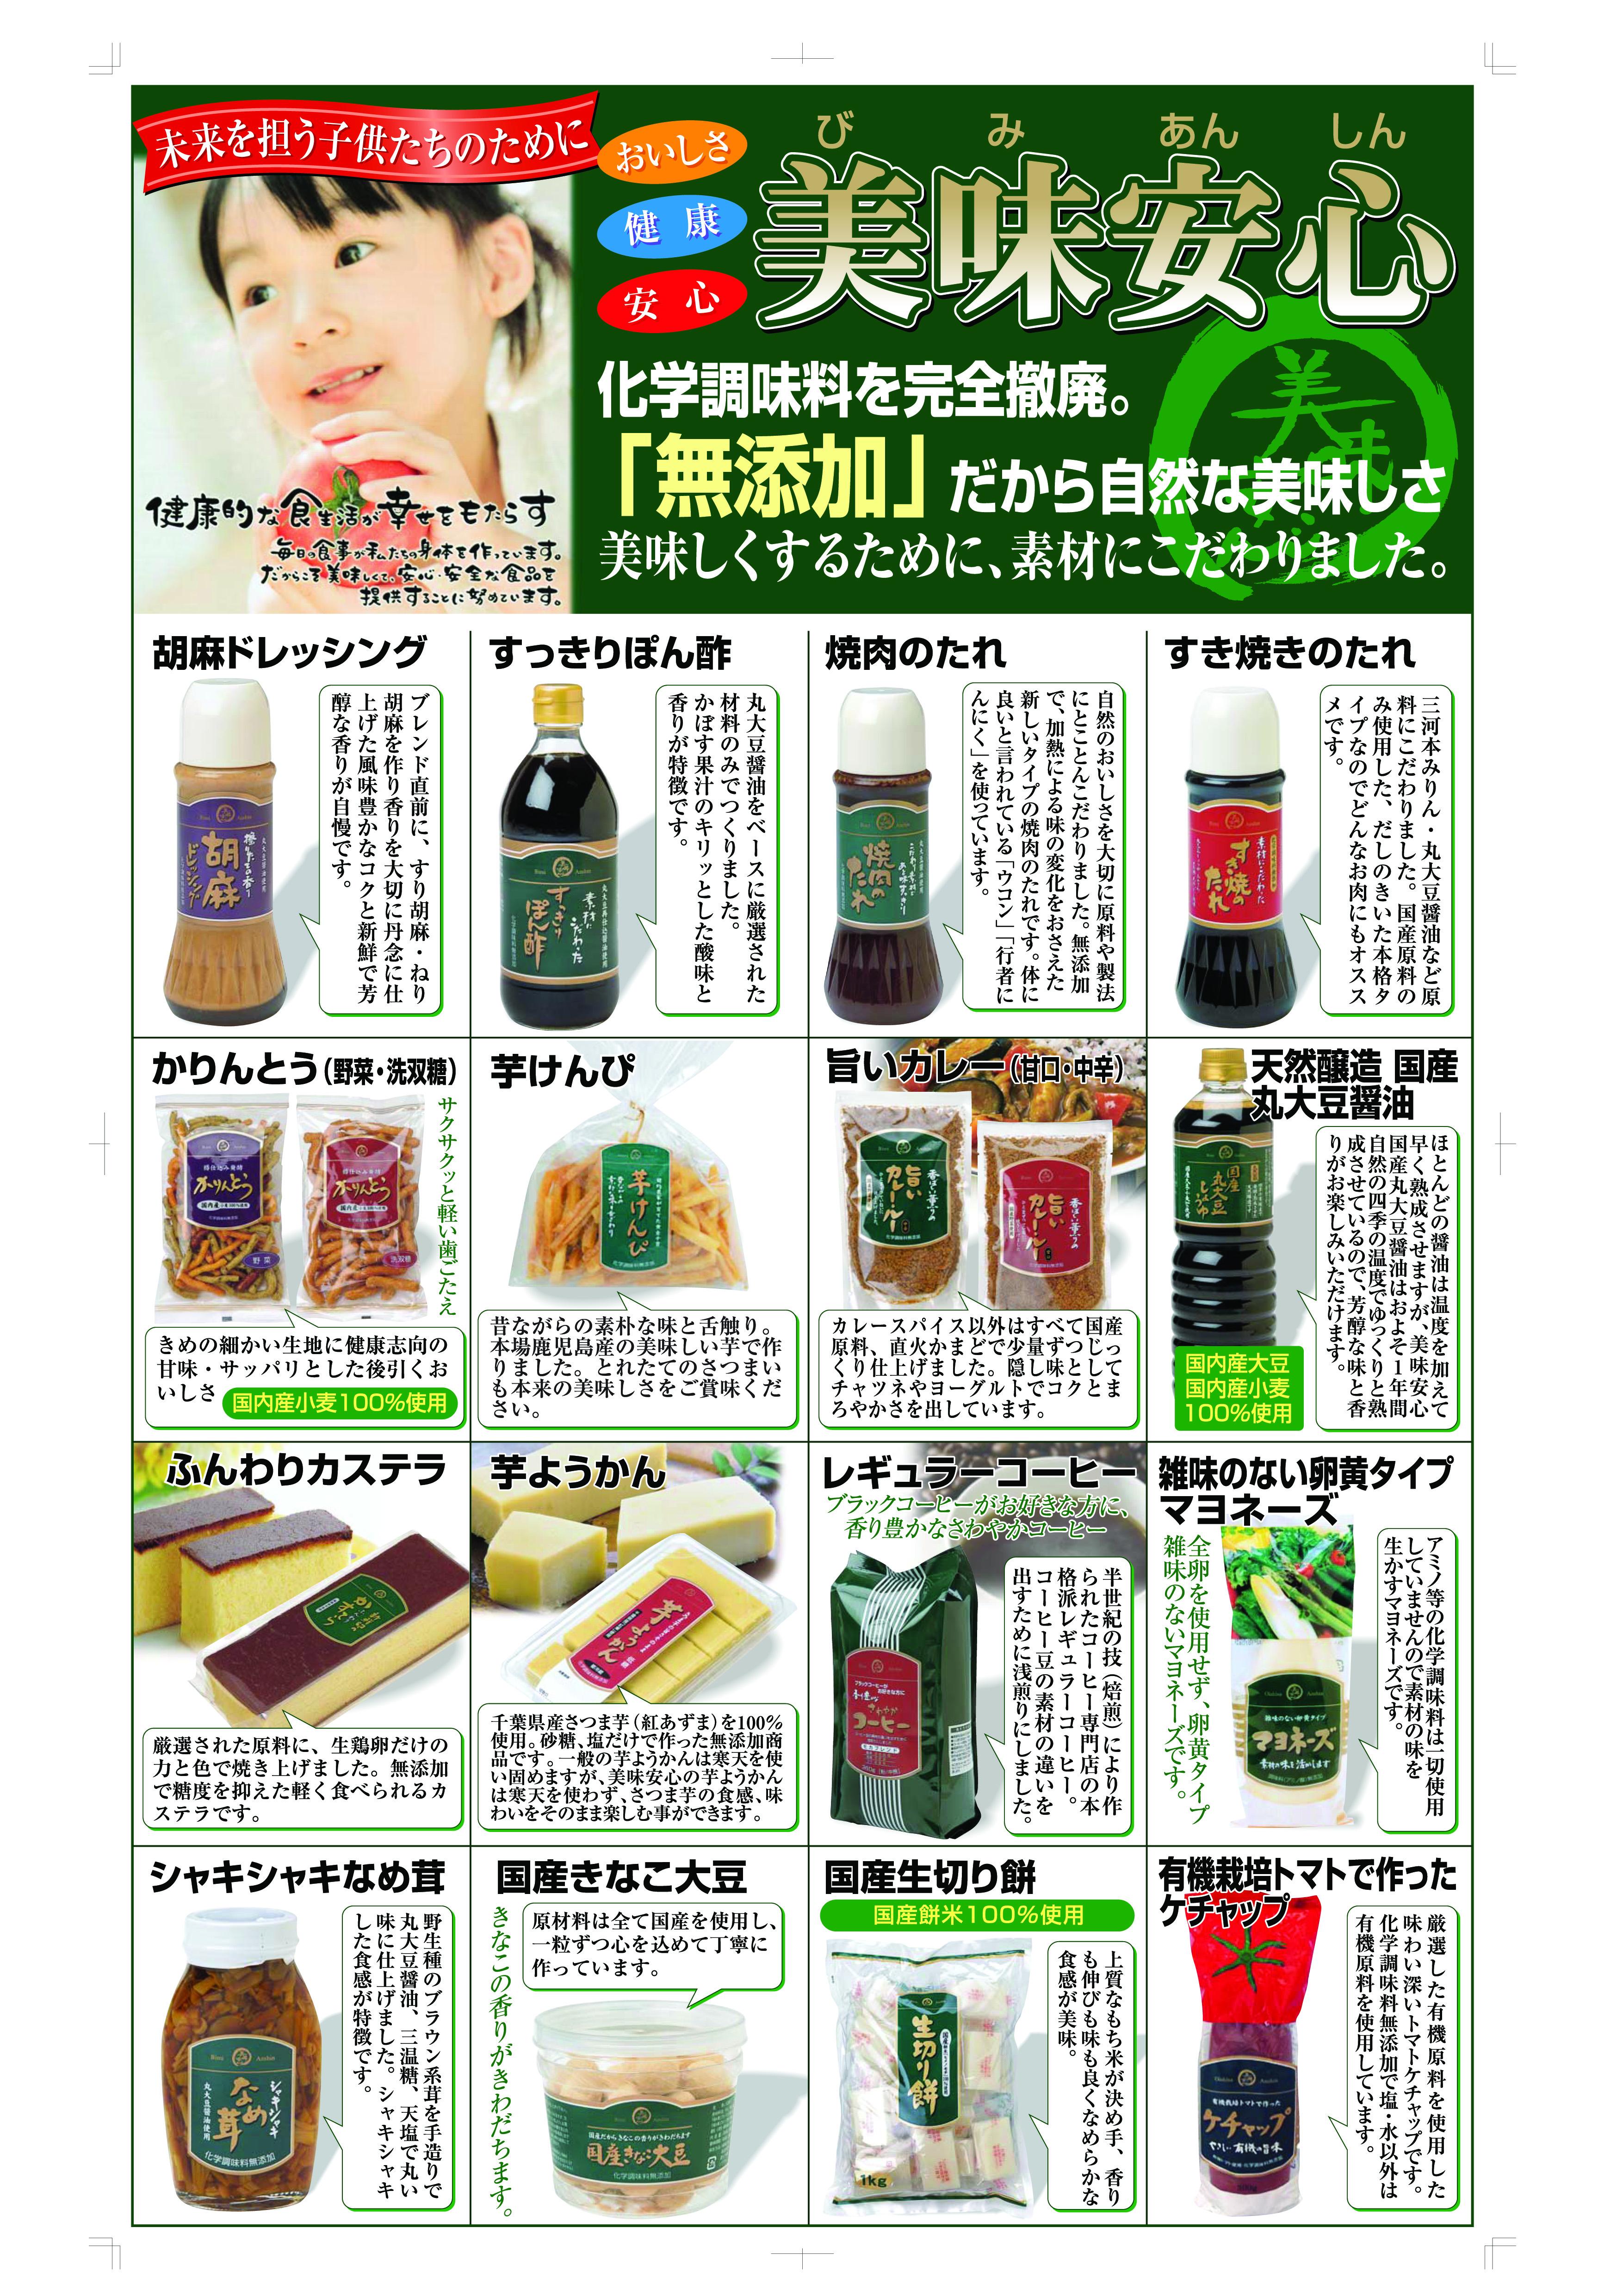 美味安心とは未来を担う子供たちのために開発されたオリジナルブランド商品です。化学調味料・合成保存料・合成着色料・合成香料 無添加素材の持つ自然な美味しさを引き出すため素材を厳選し、製造製法にこだわりました。